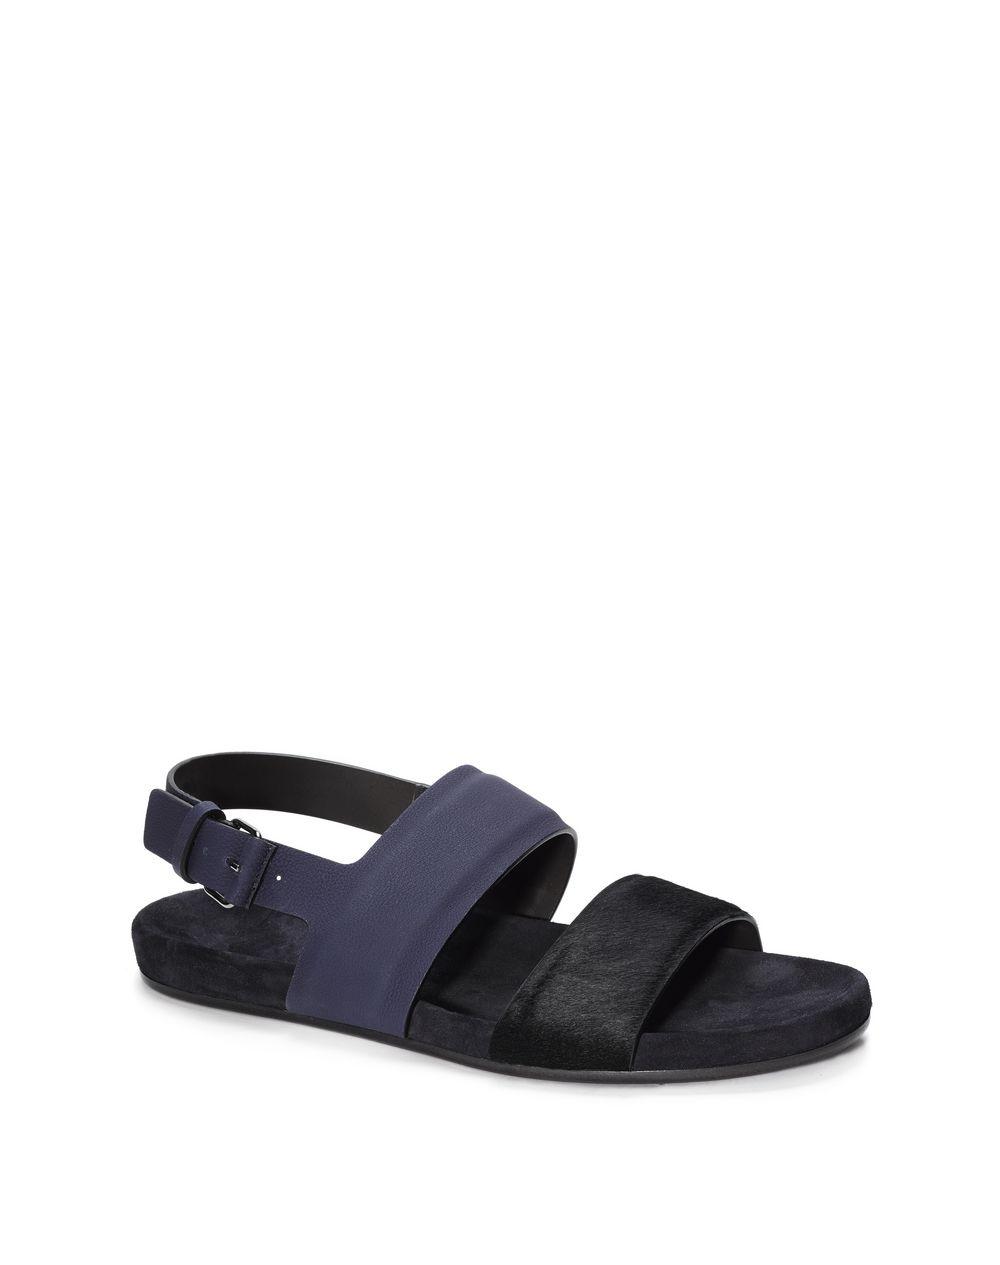 77387b9b214e Two-strap sandal - Lanvin ...